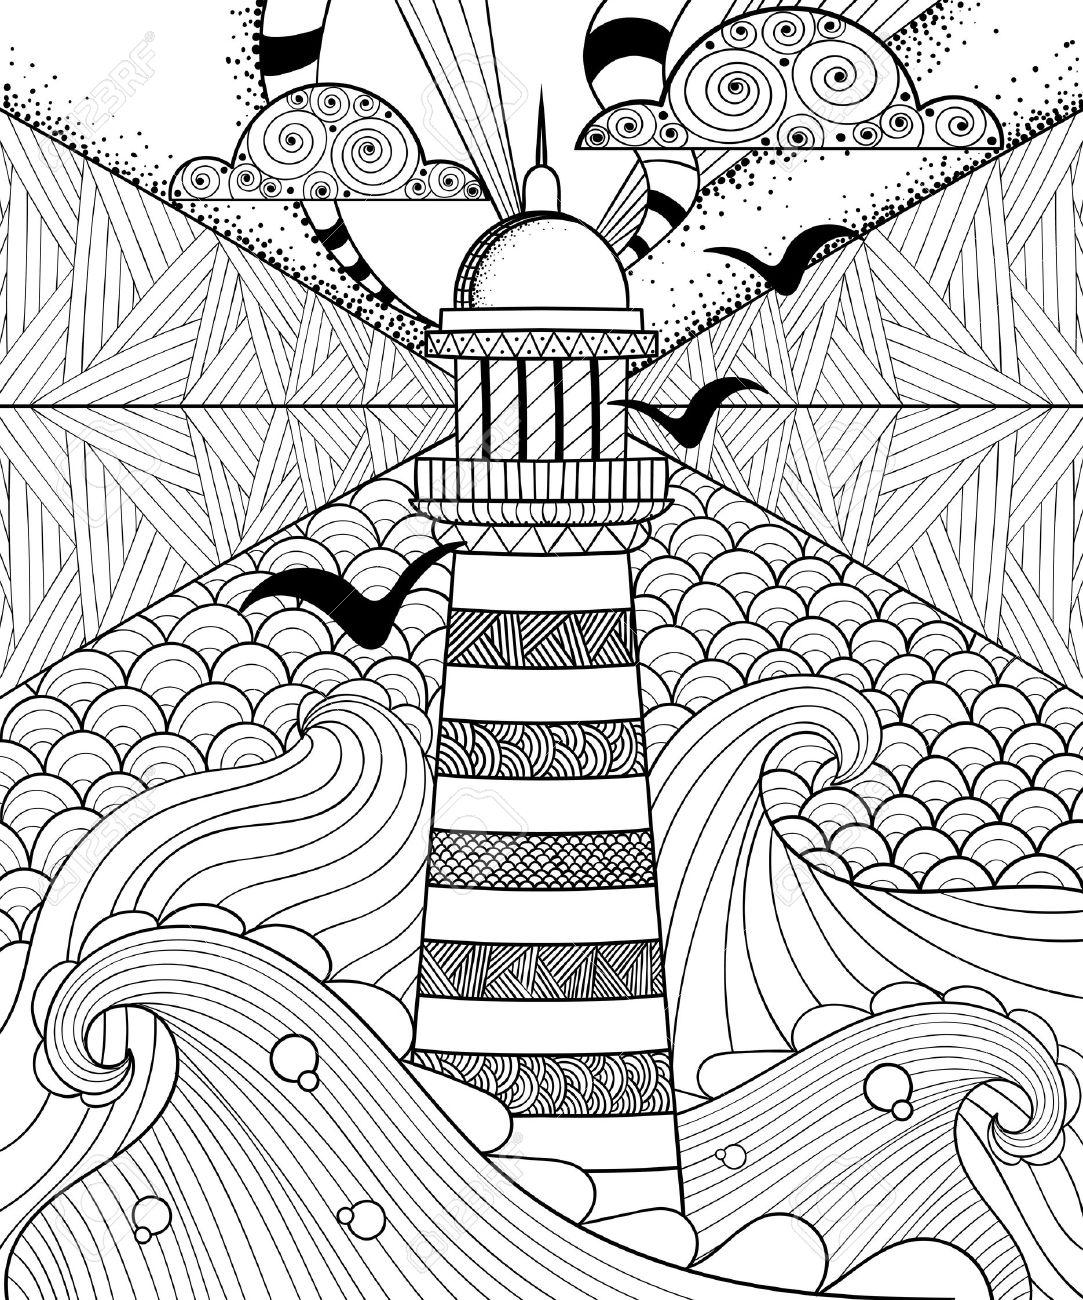 Dibujado A Mano Artísticamente Ornamentales étnica Modelado Faro Con ...